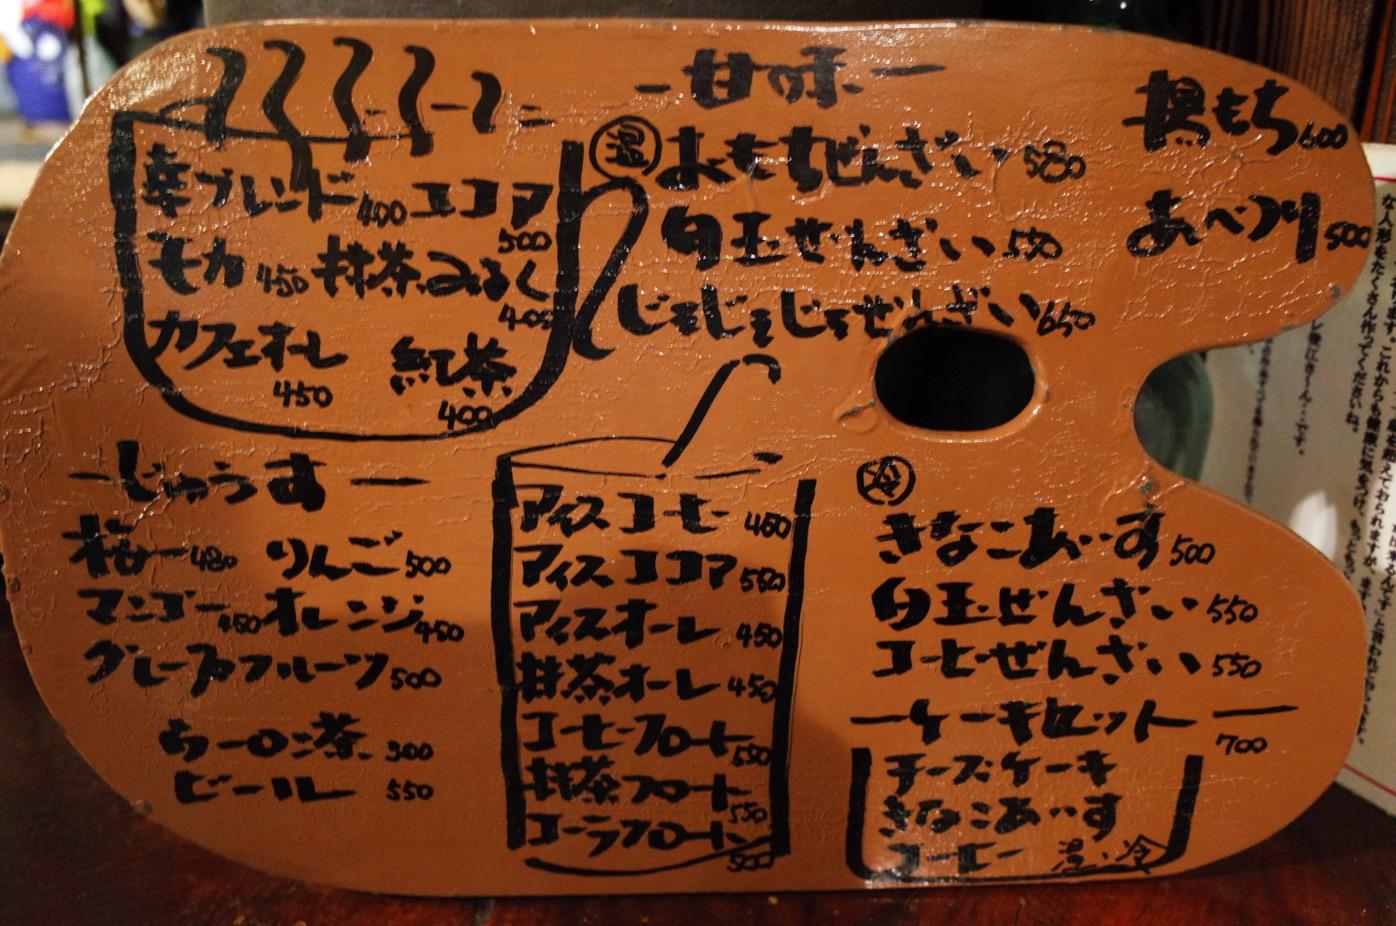 茶房幸-6 メニュー2